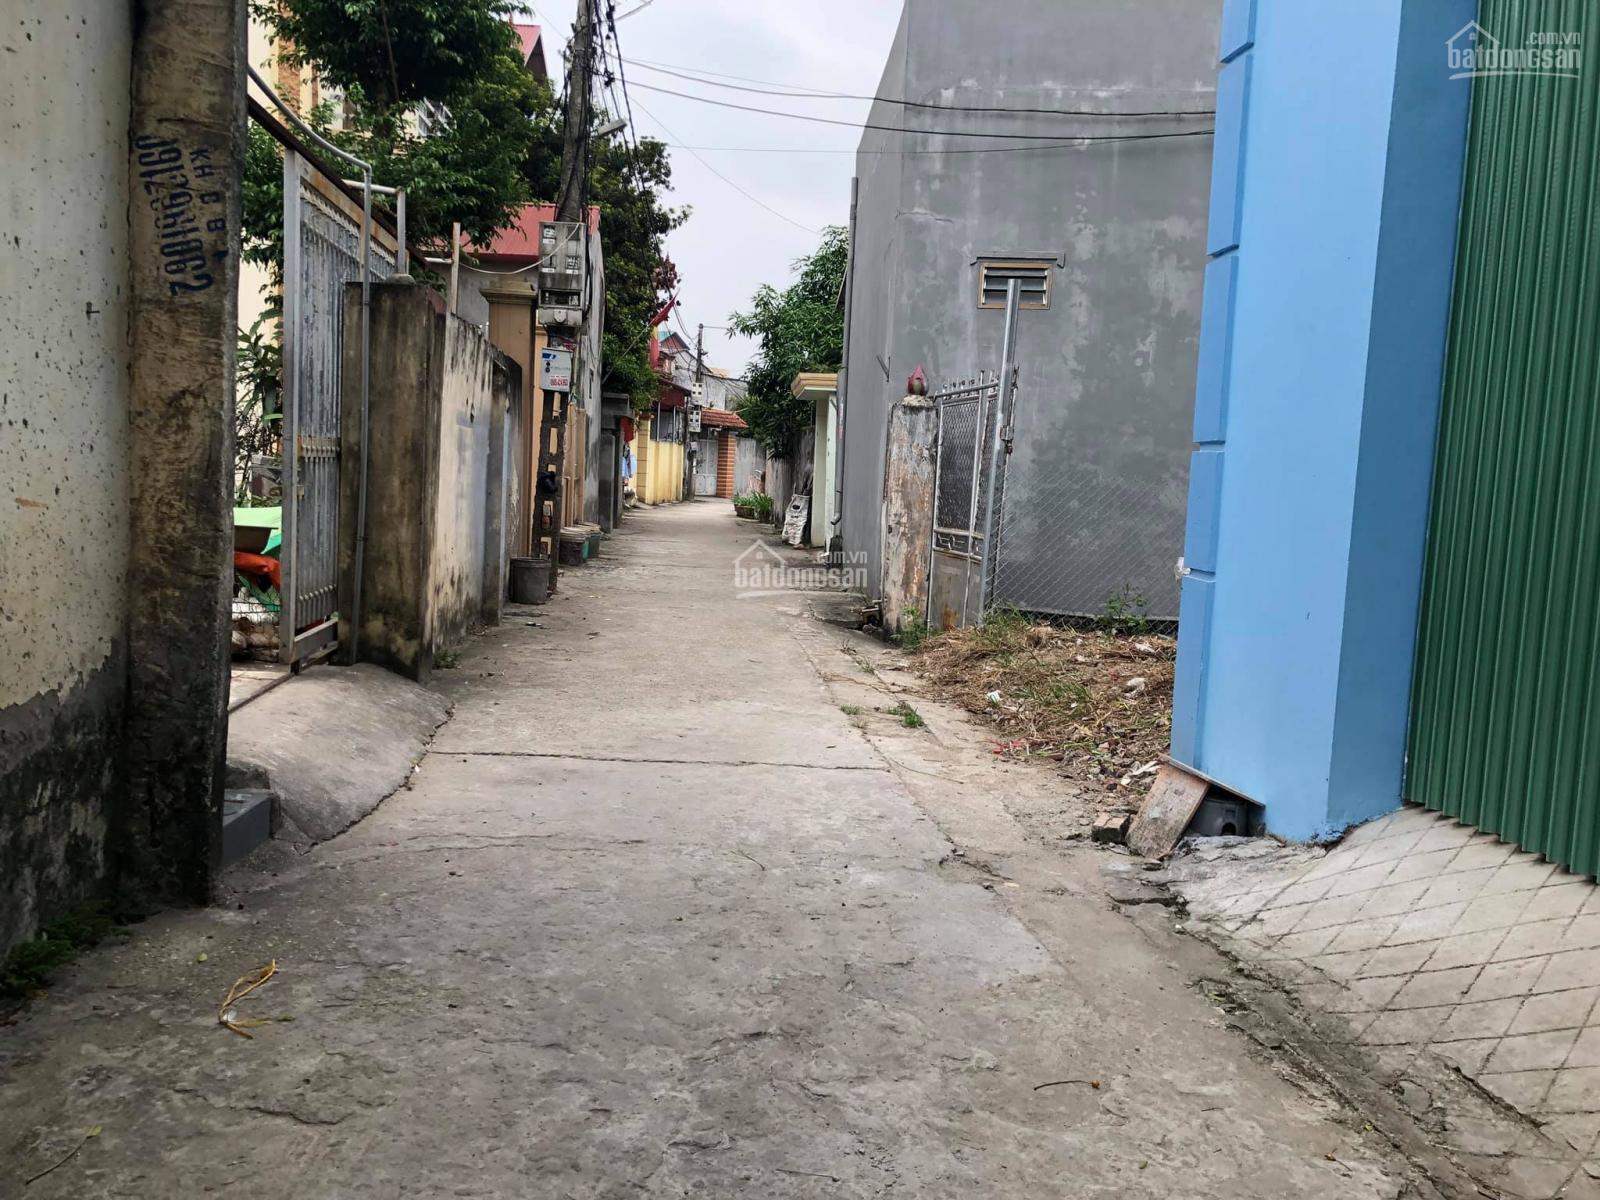 Cần bán nhanh lô đất 52m2 tại Thuận Tốn, Đa Tốn, Gia Lâm, Hà Nội.